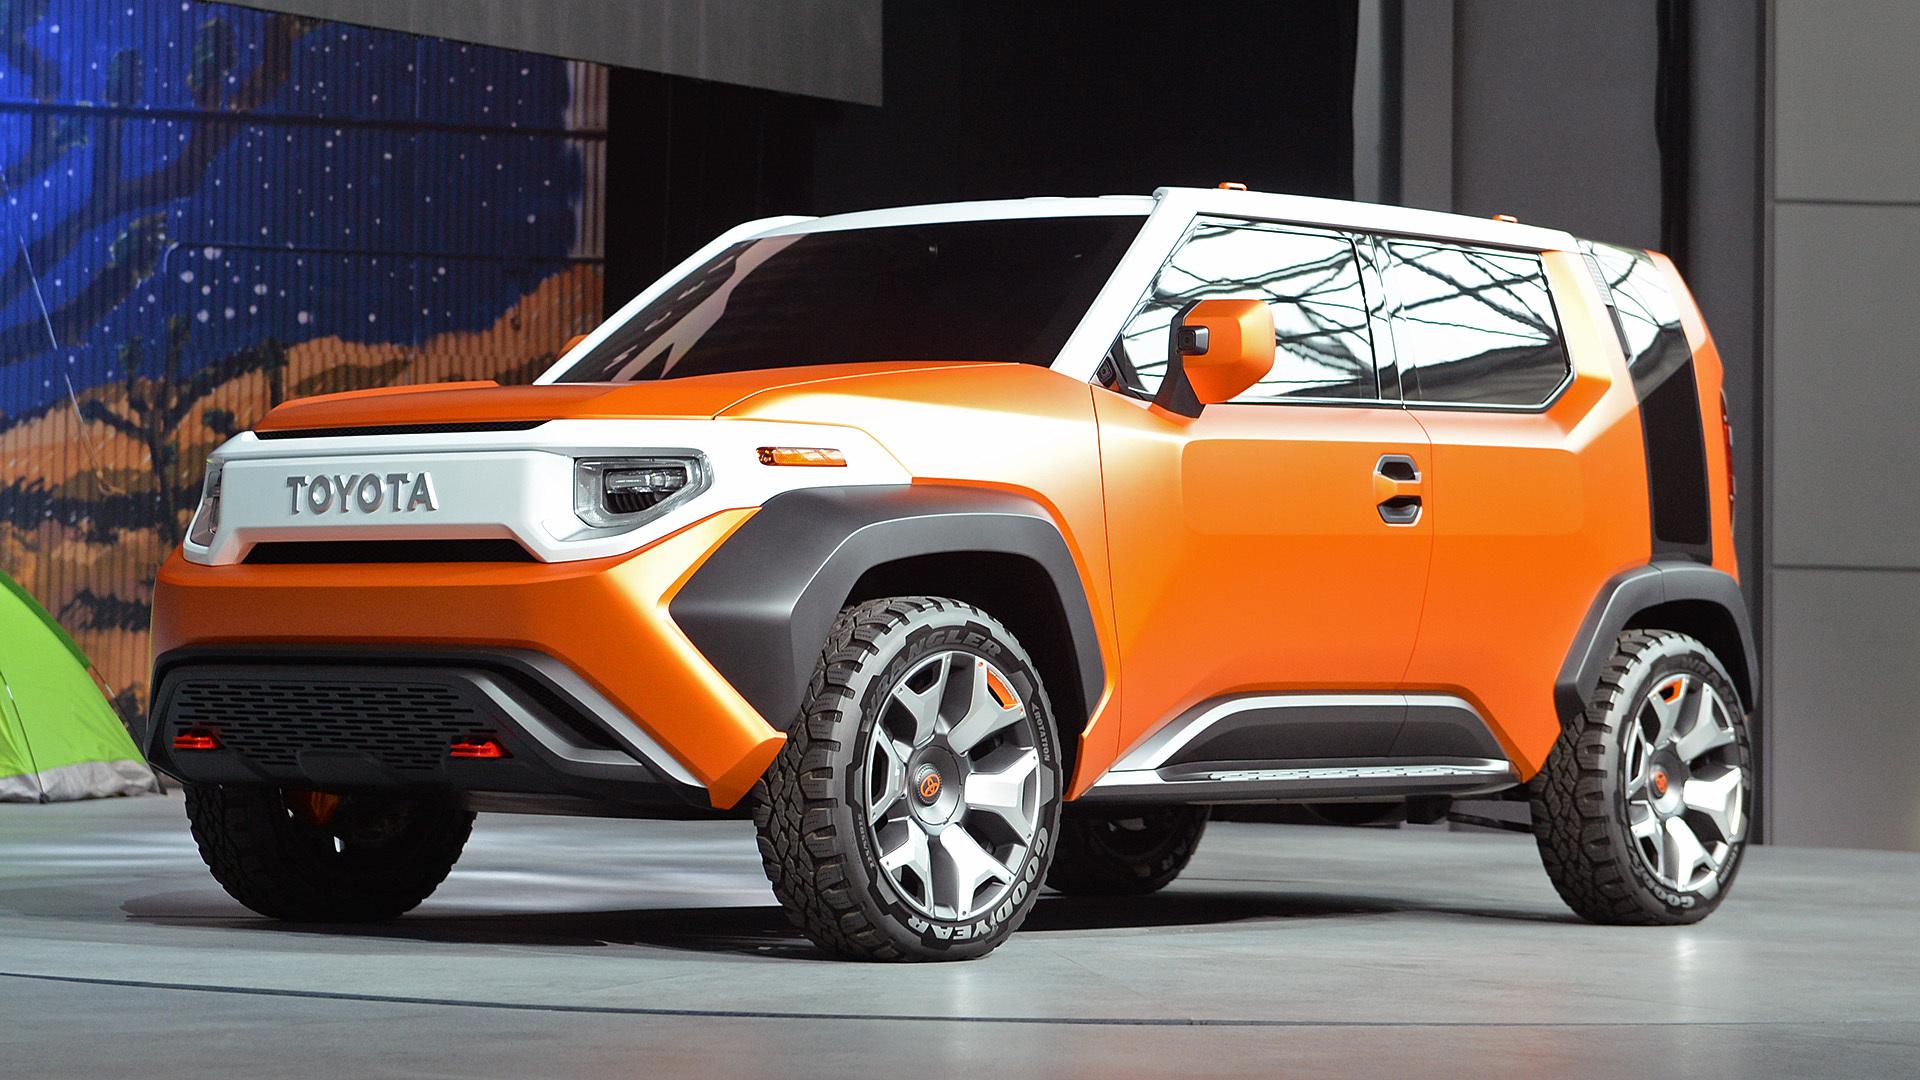 Nueva York 2017 Toyota Muestra Su Concepto Ft 4x Una